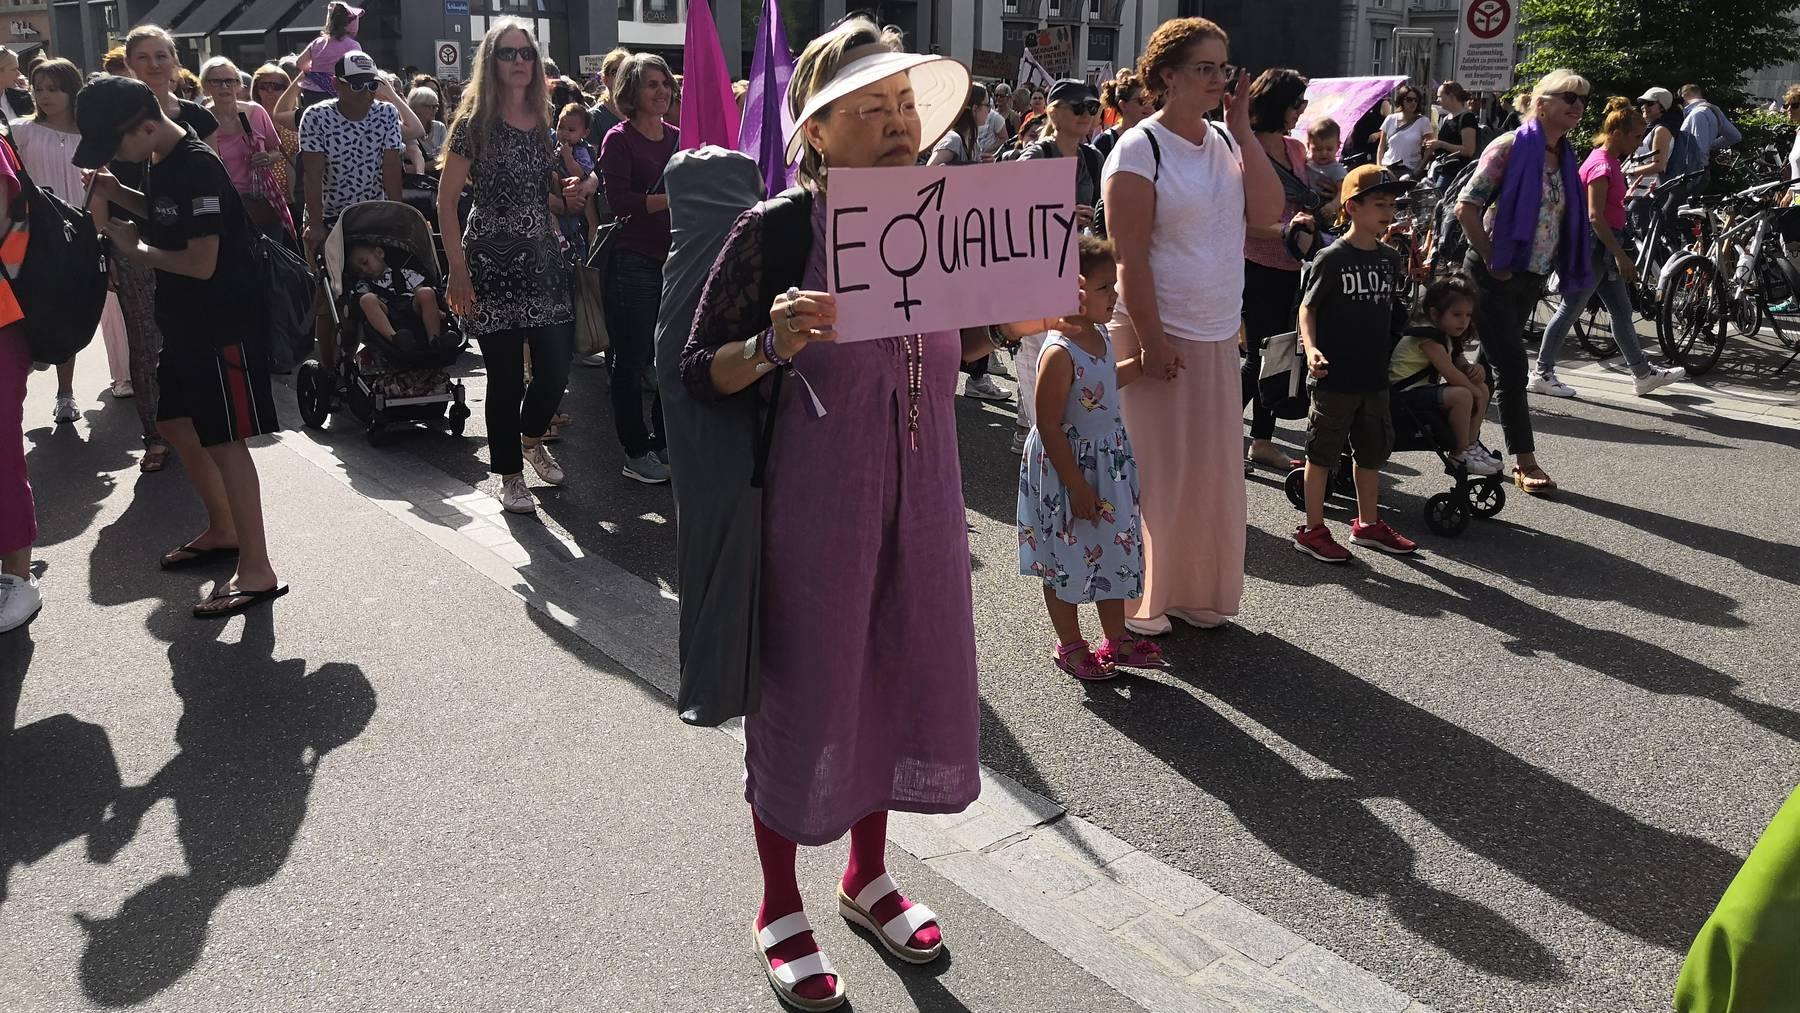 Frauenstreik (2)